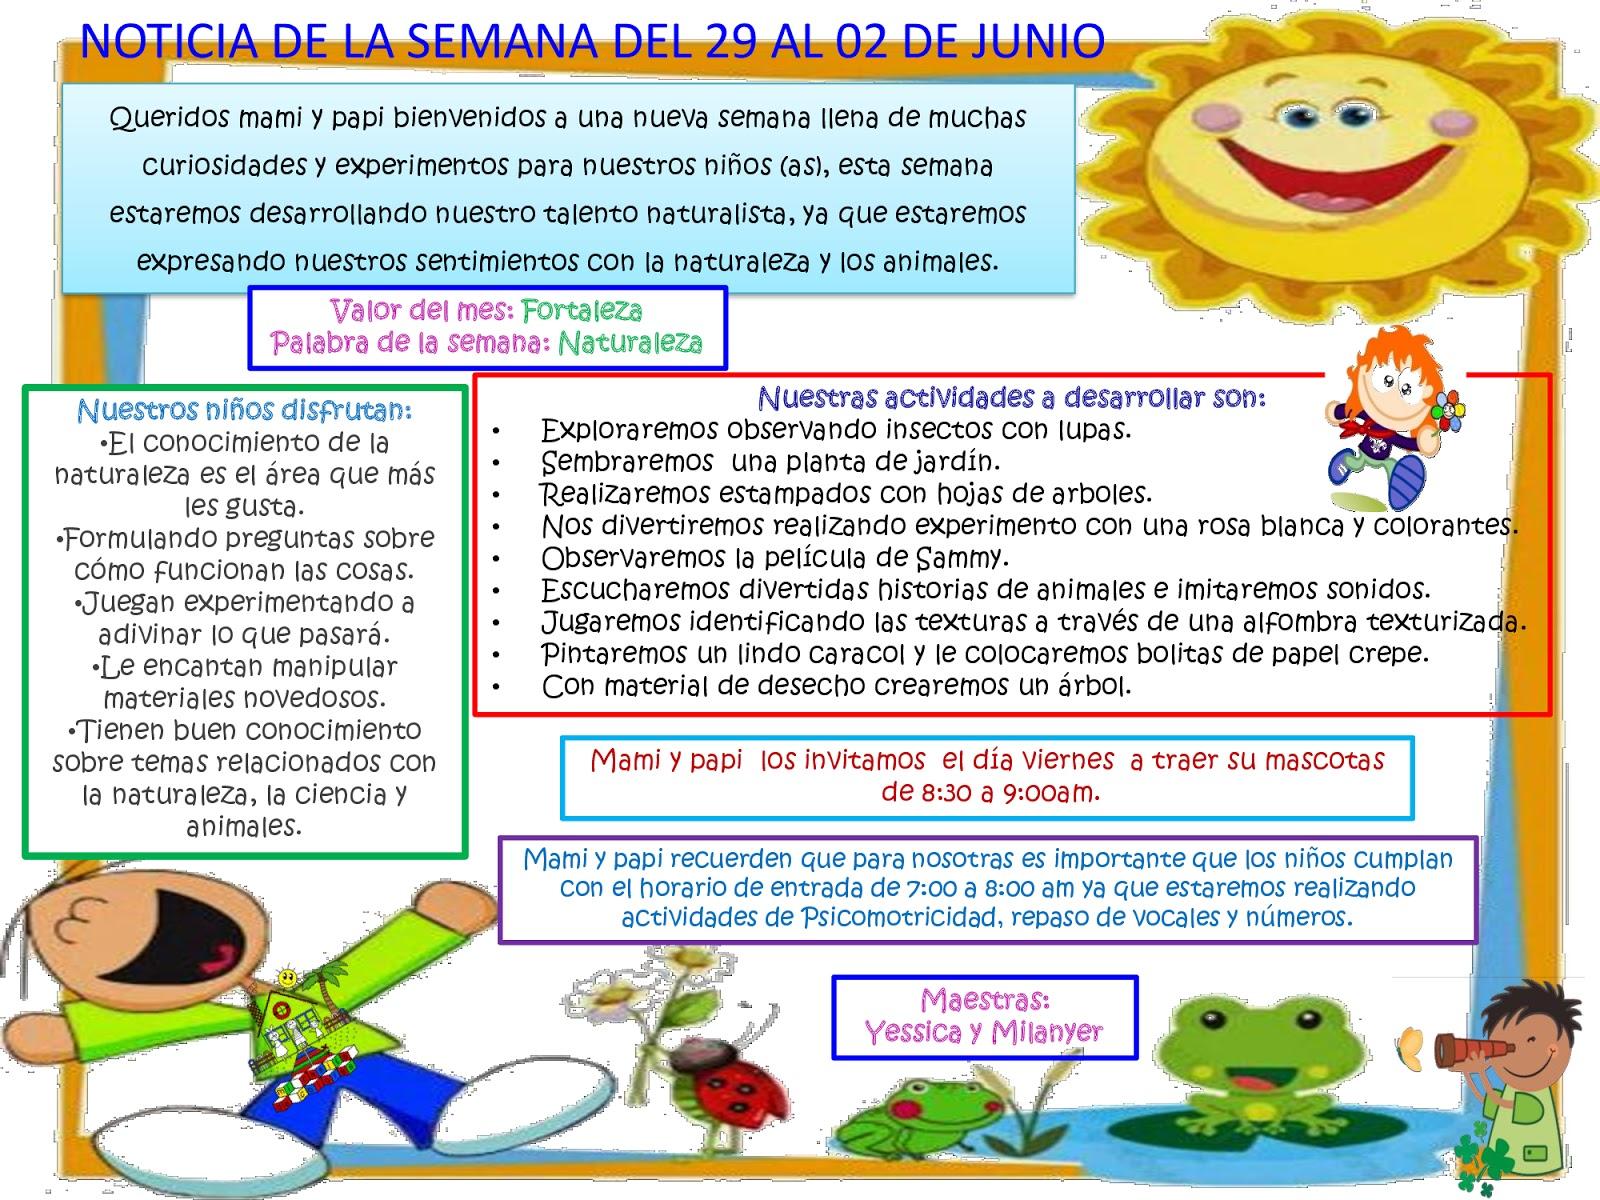 Noticia de maternal for Cancion de bienvenida al jardin